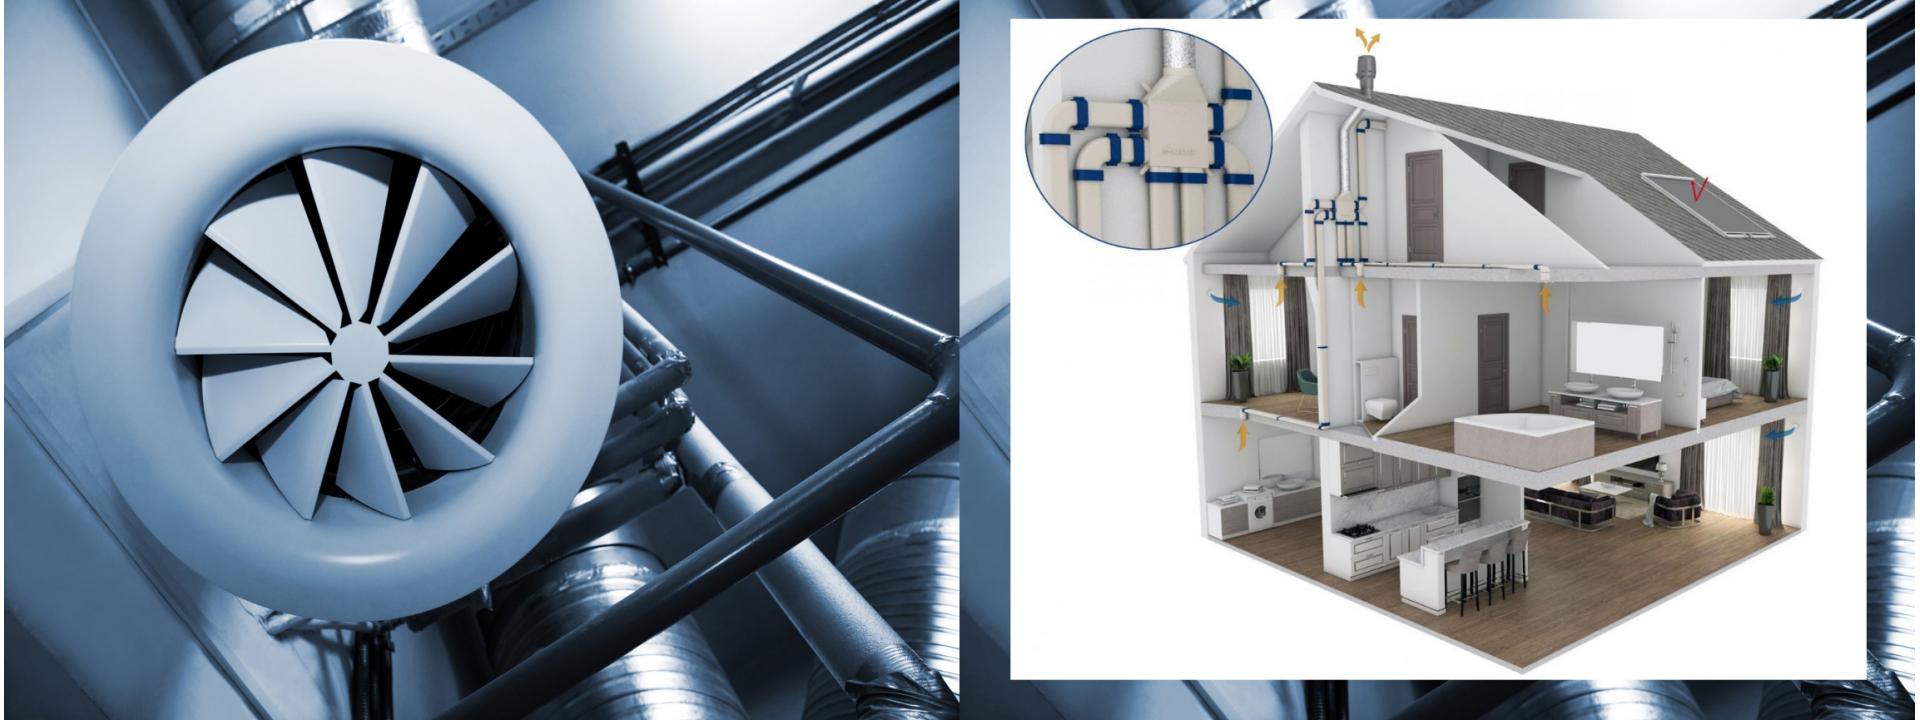 Системи побутової і промислової вентиляції